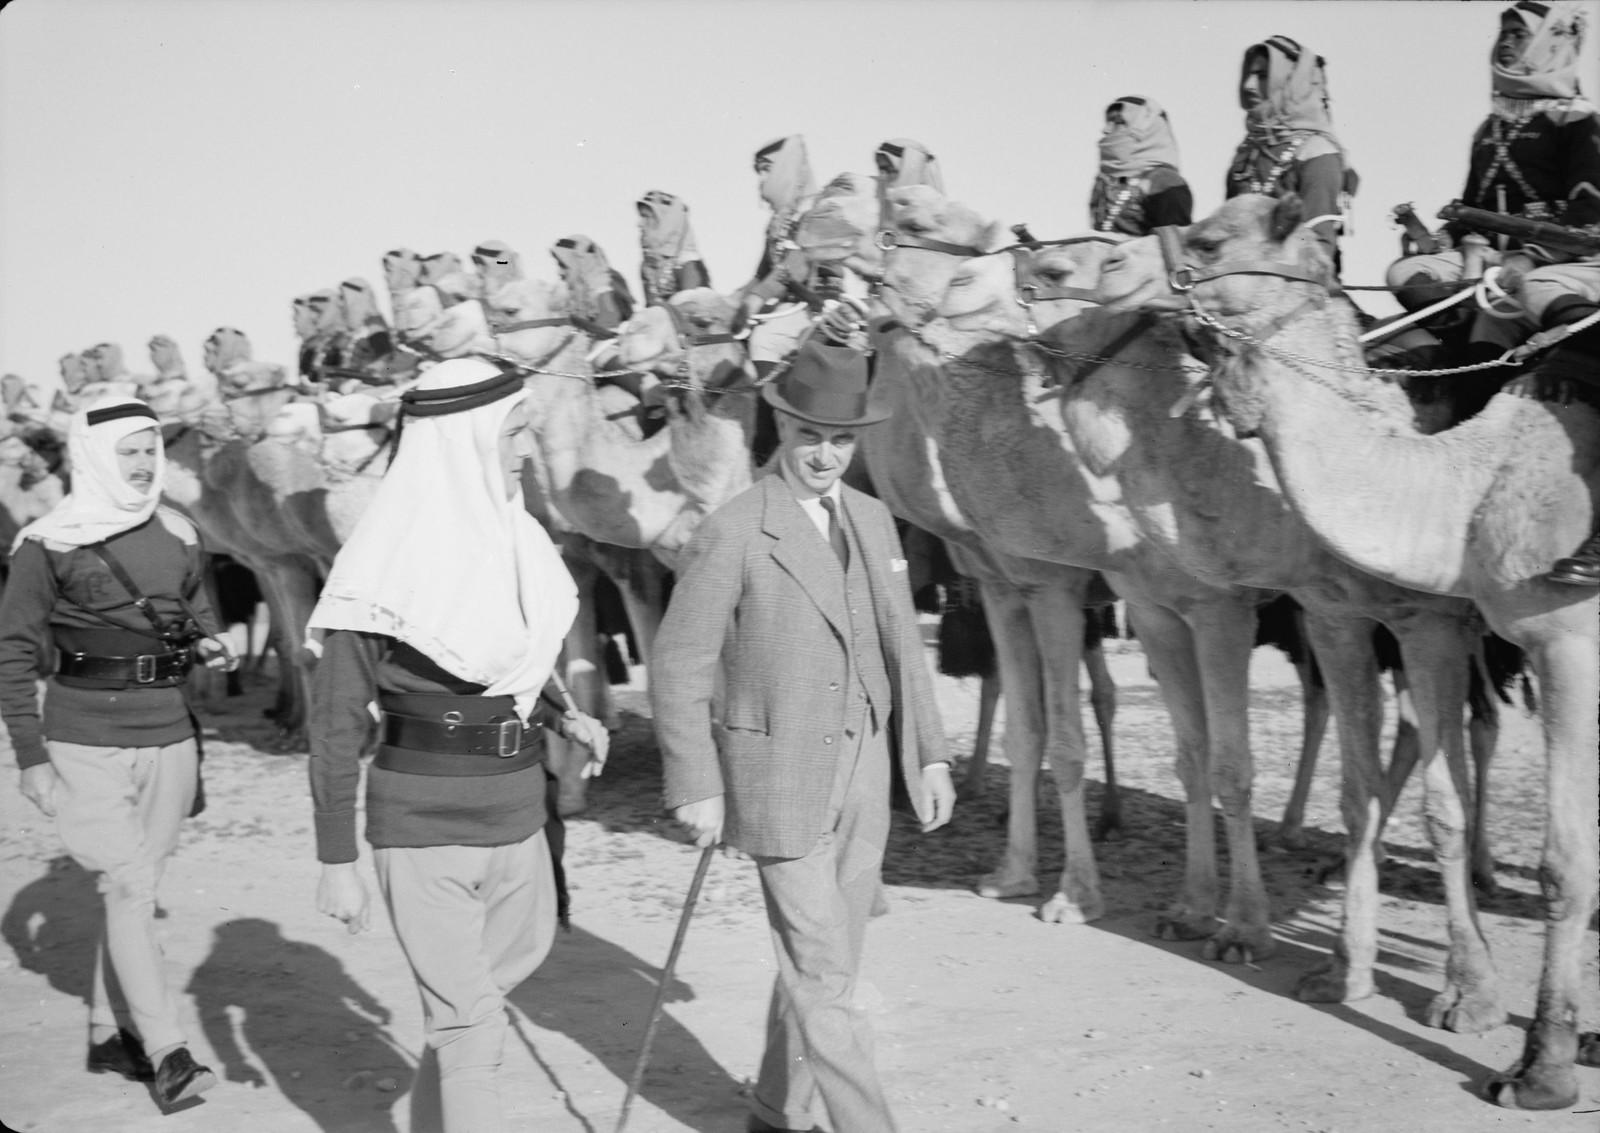 05. Его Превосходительство инспектирует верблюжий корпус